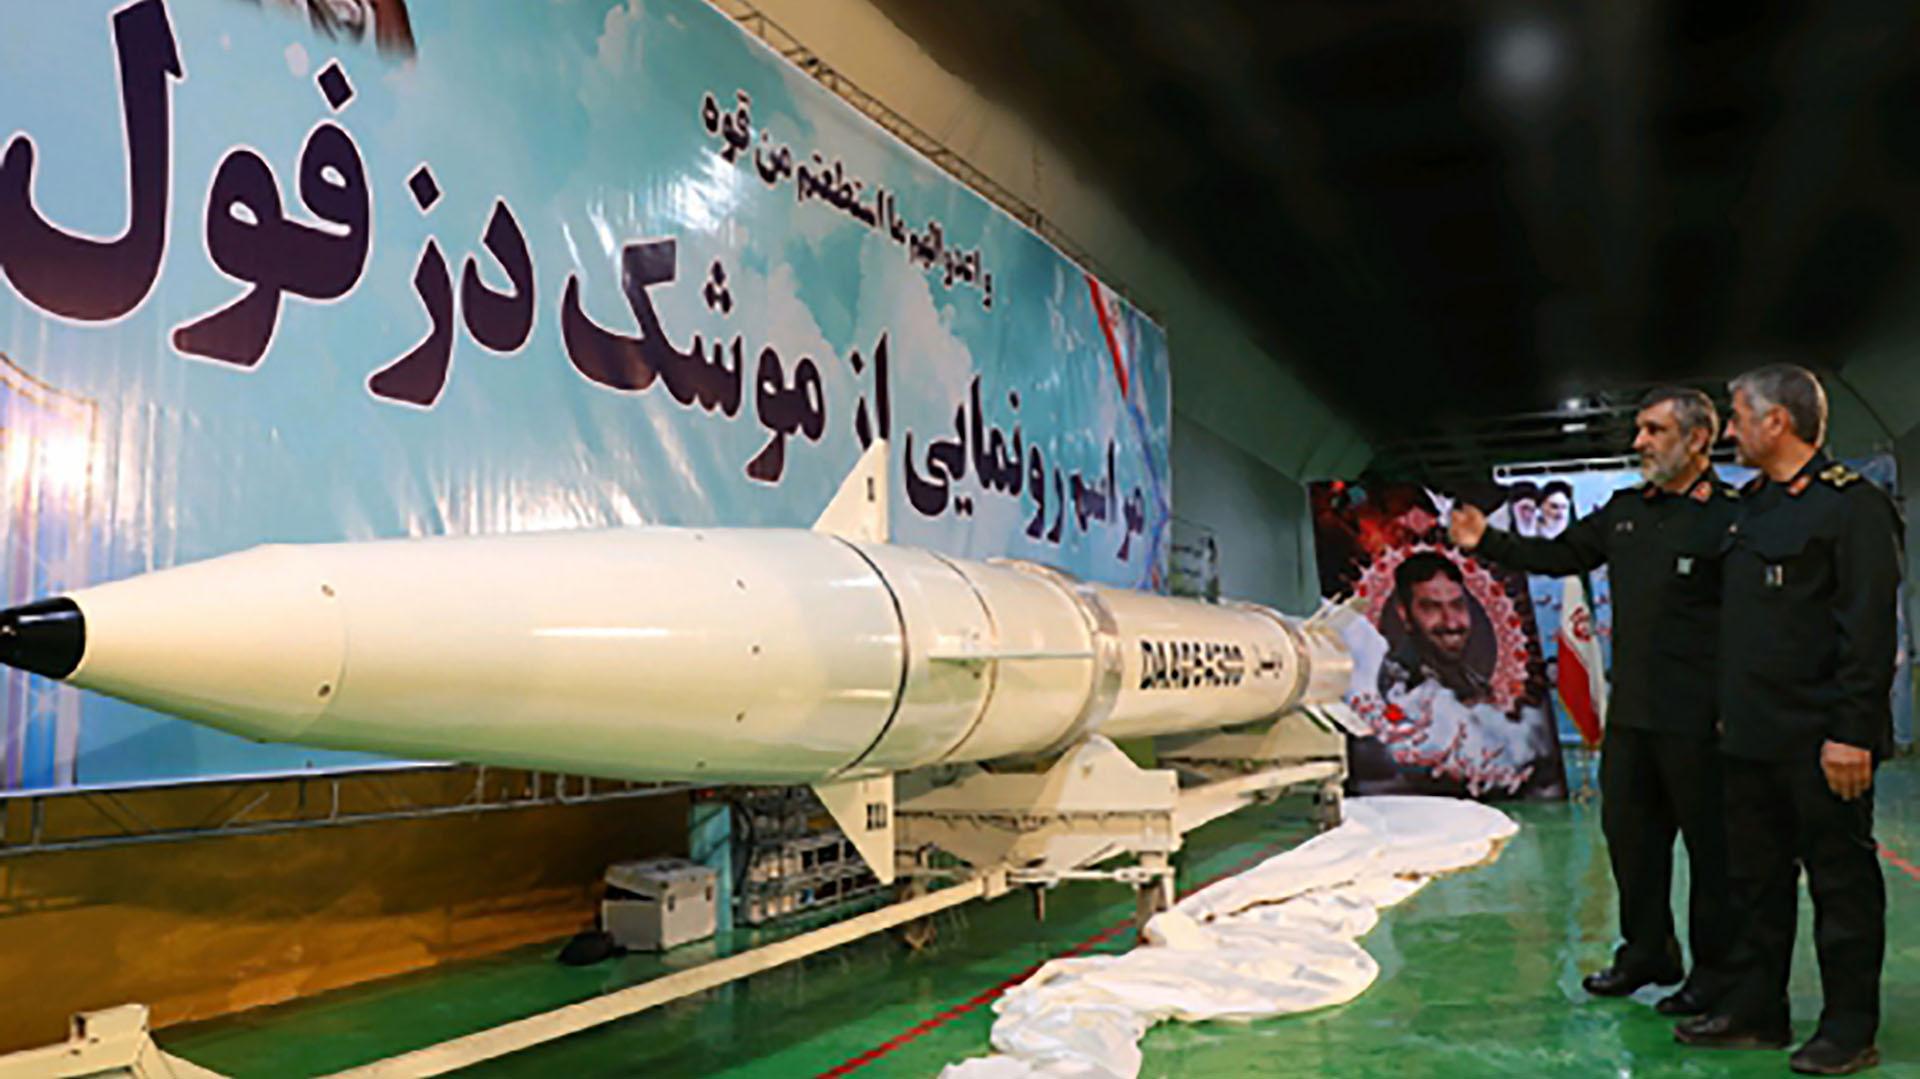 El general reiteró que la capacidad defensiva de Irán es disuasiva (AFP)